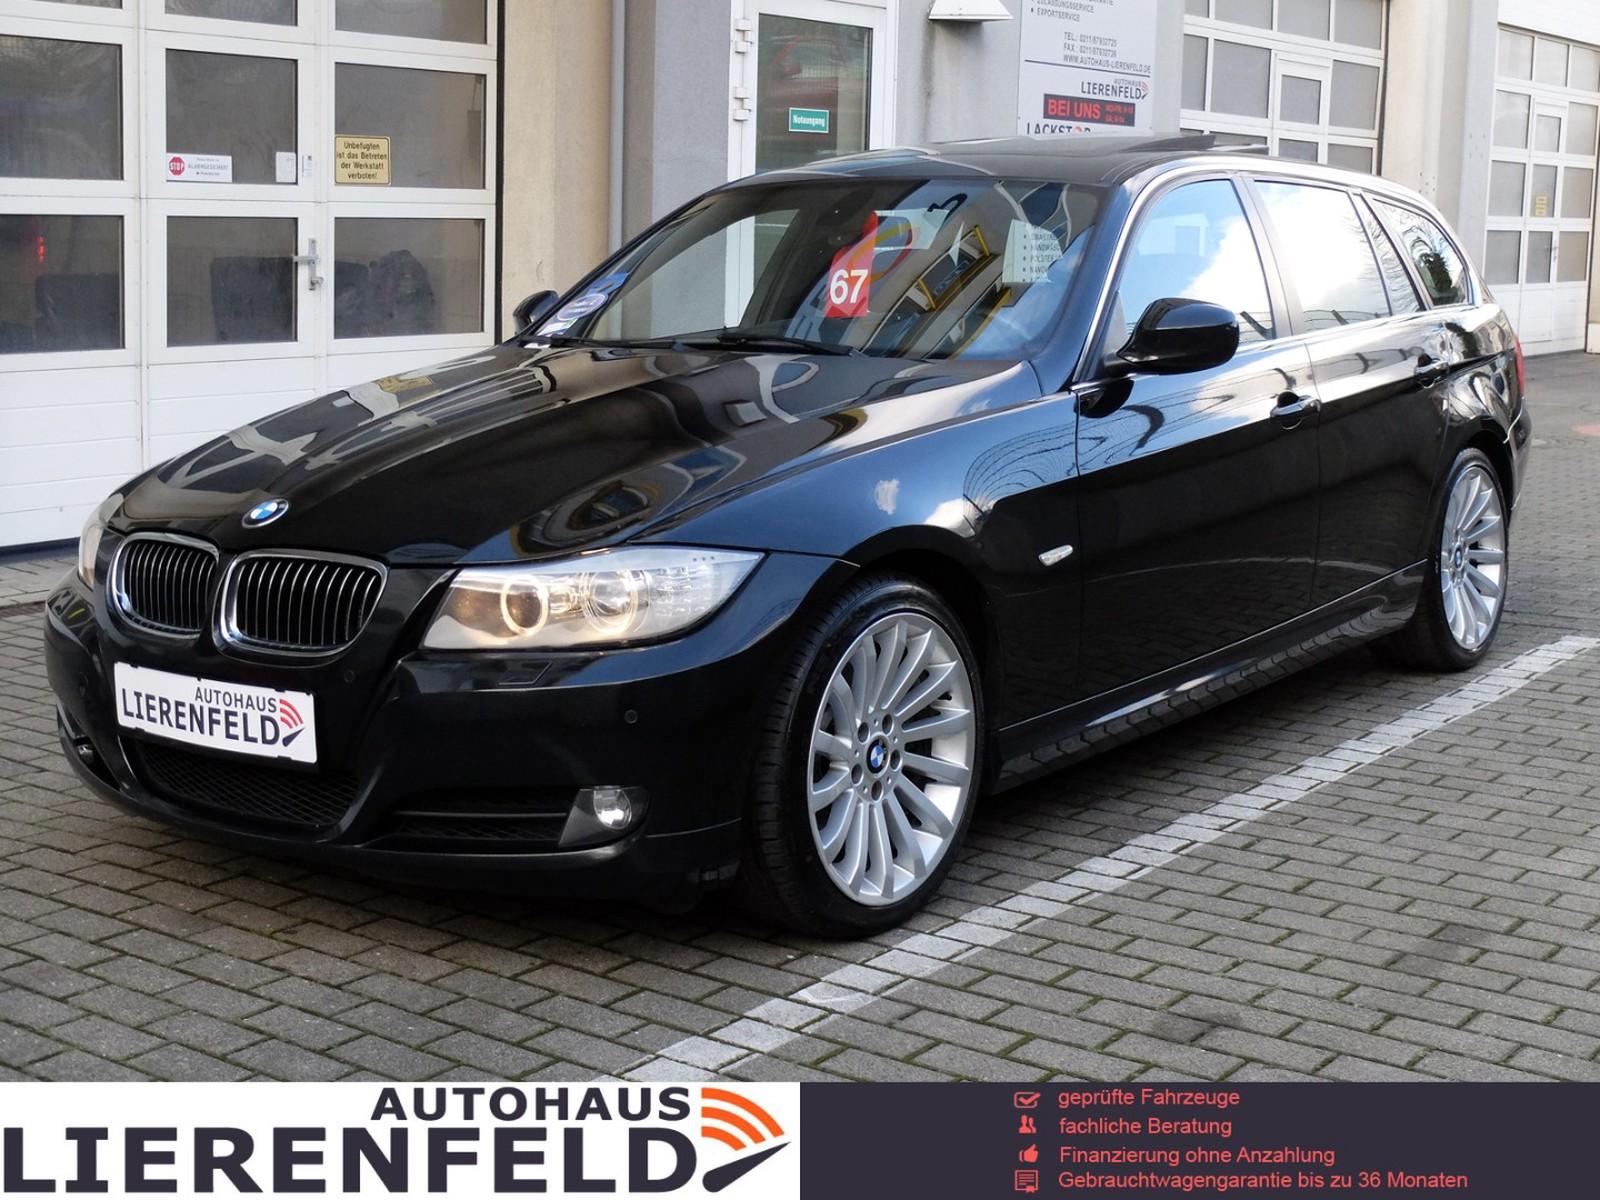 Bmw 330 I Touring Gebraucht Kaufen In Düsseldorf Preis 9990 Eur Int Nr 634 Verkauft